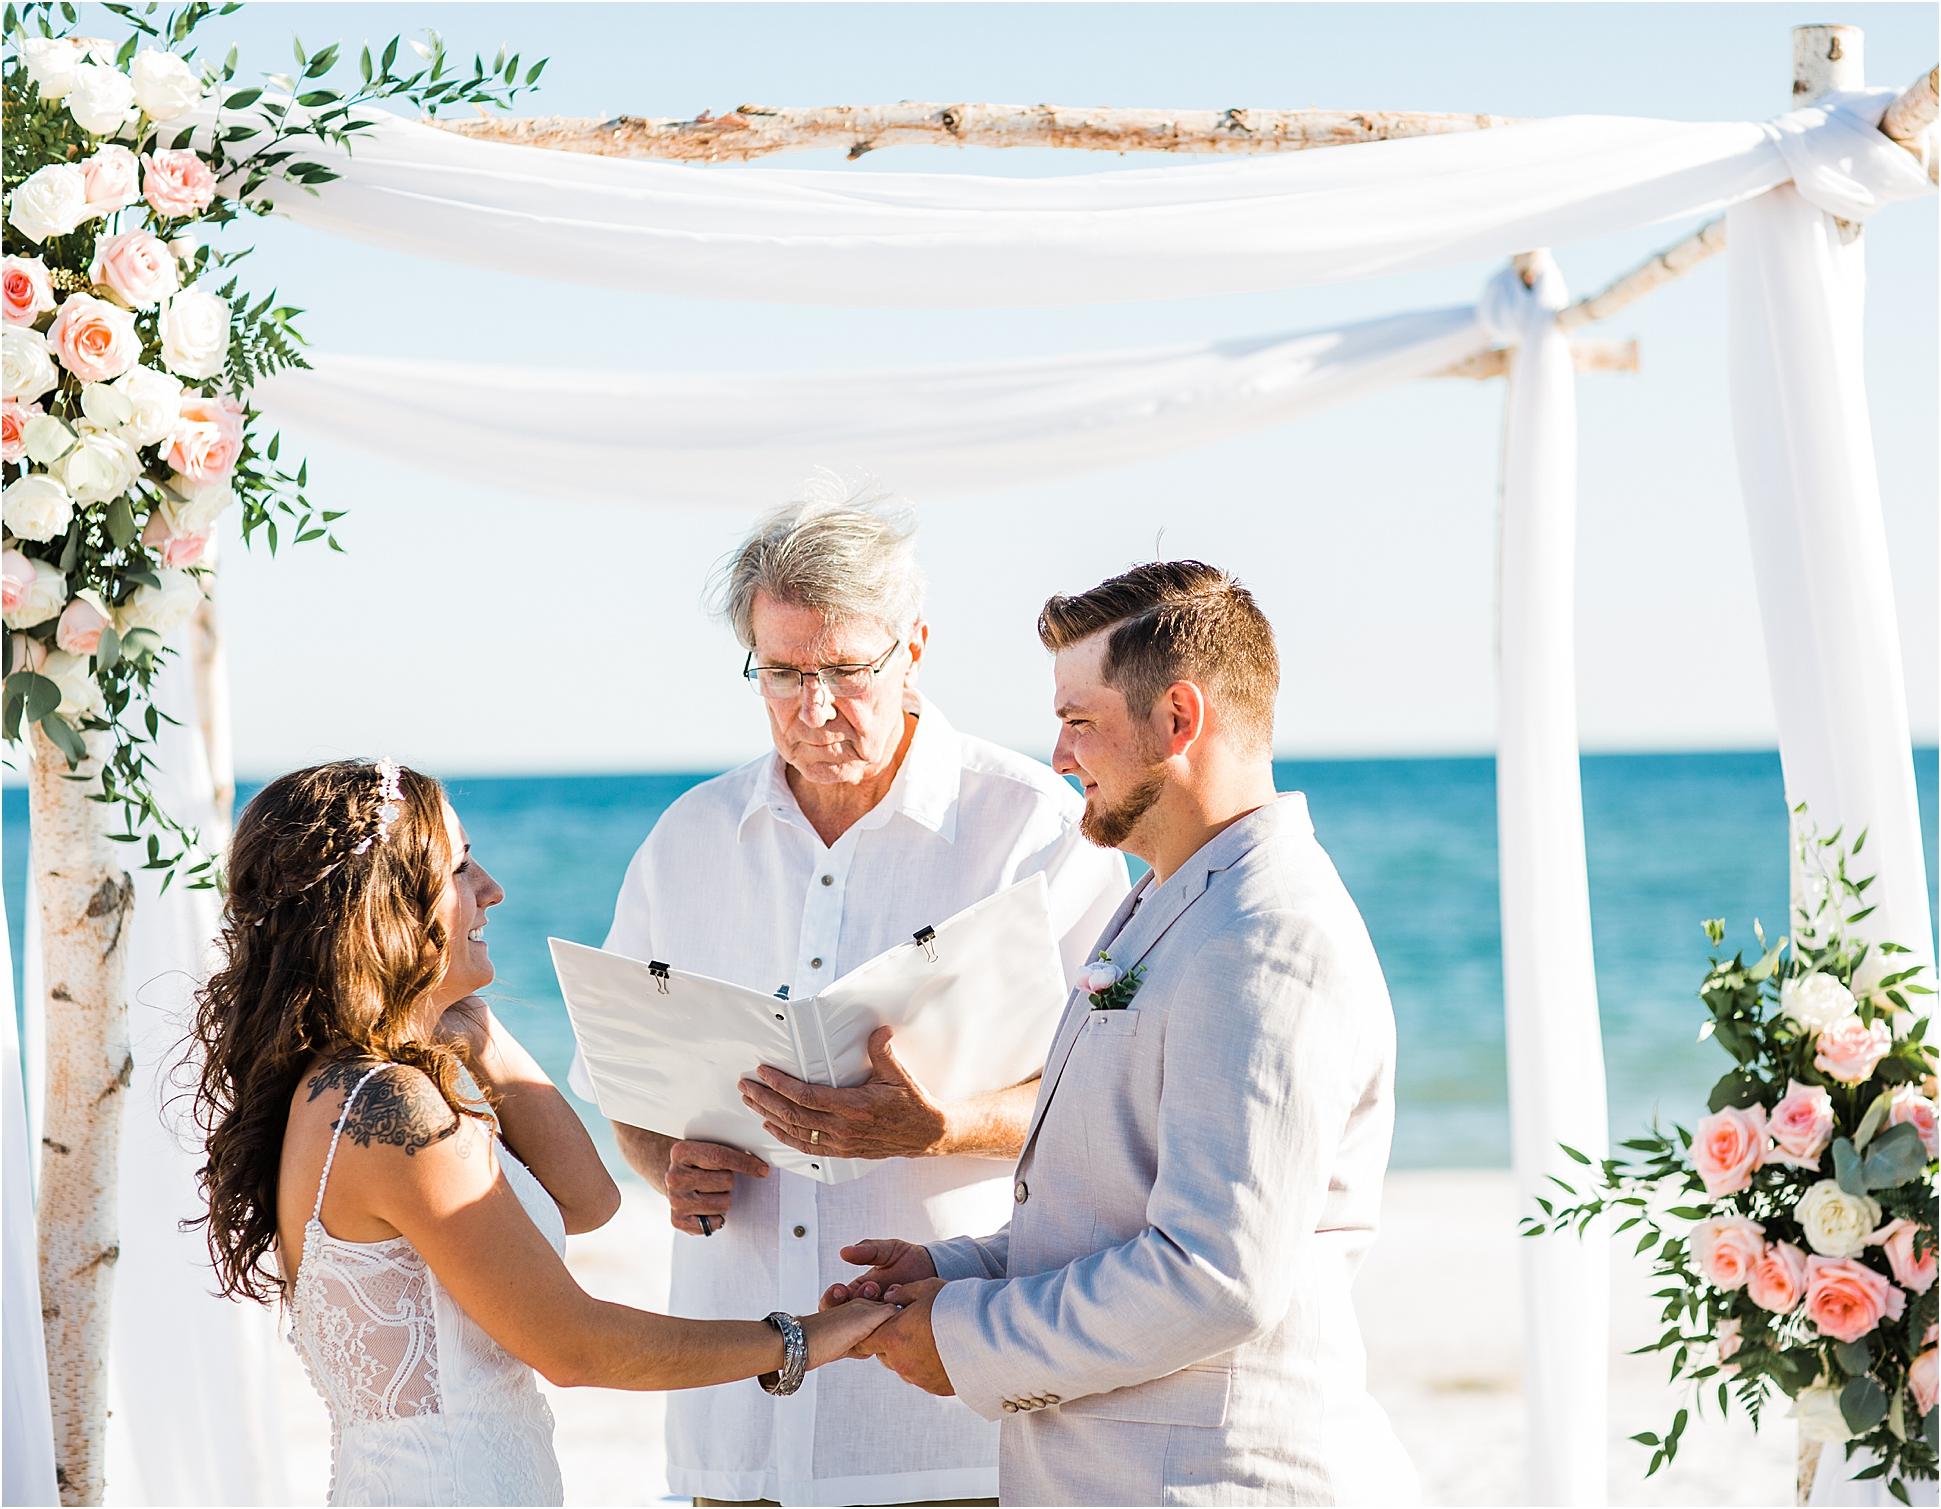 Wedding Photographer in Pensacola, Florida